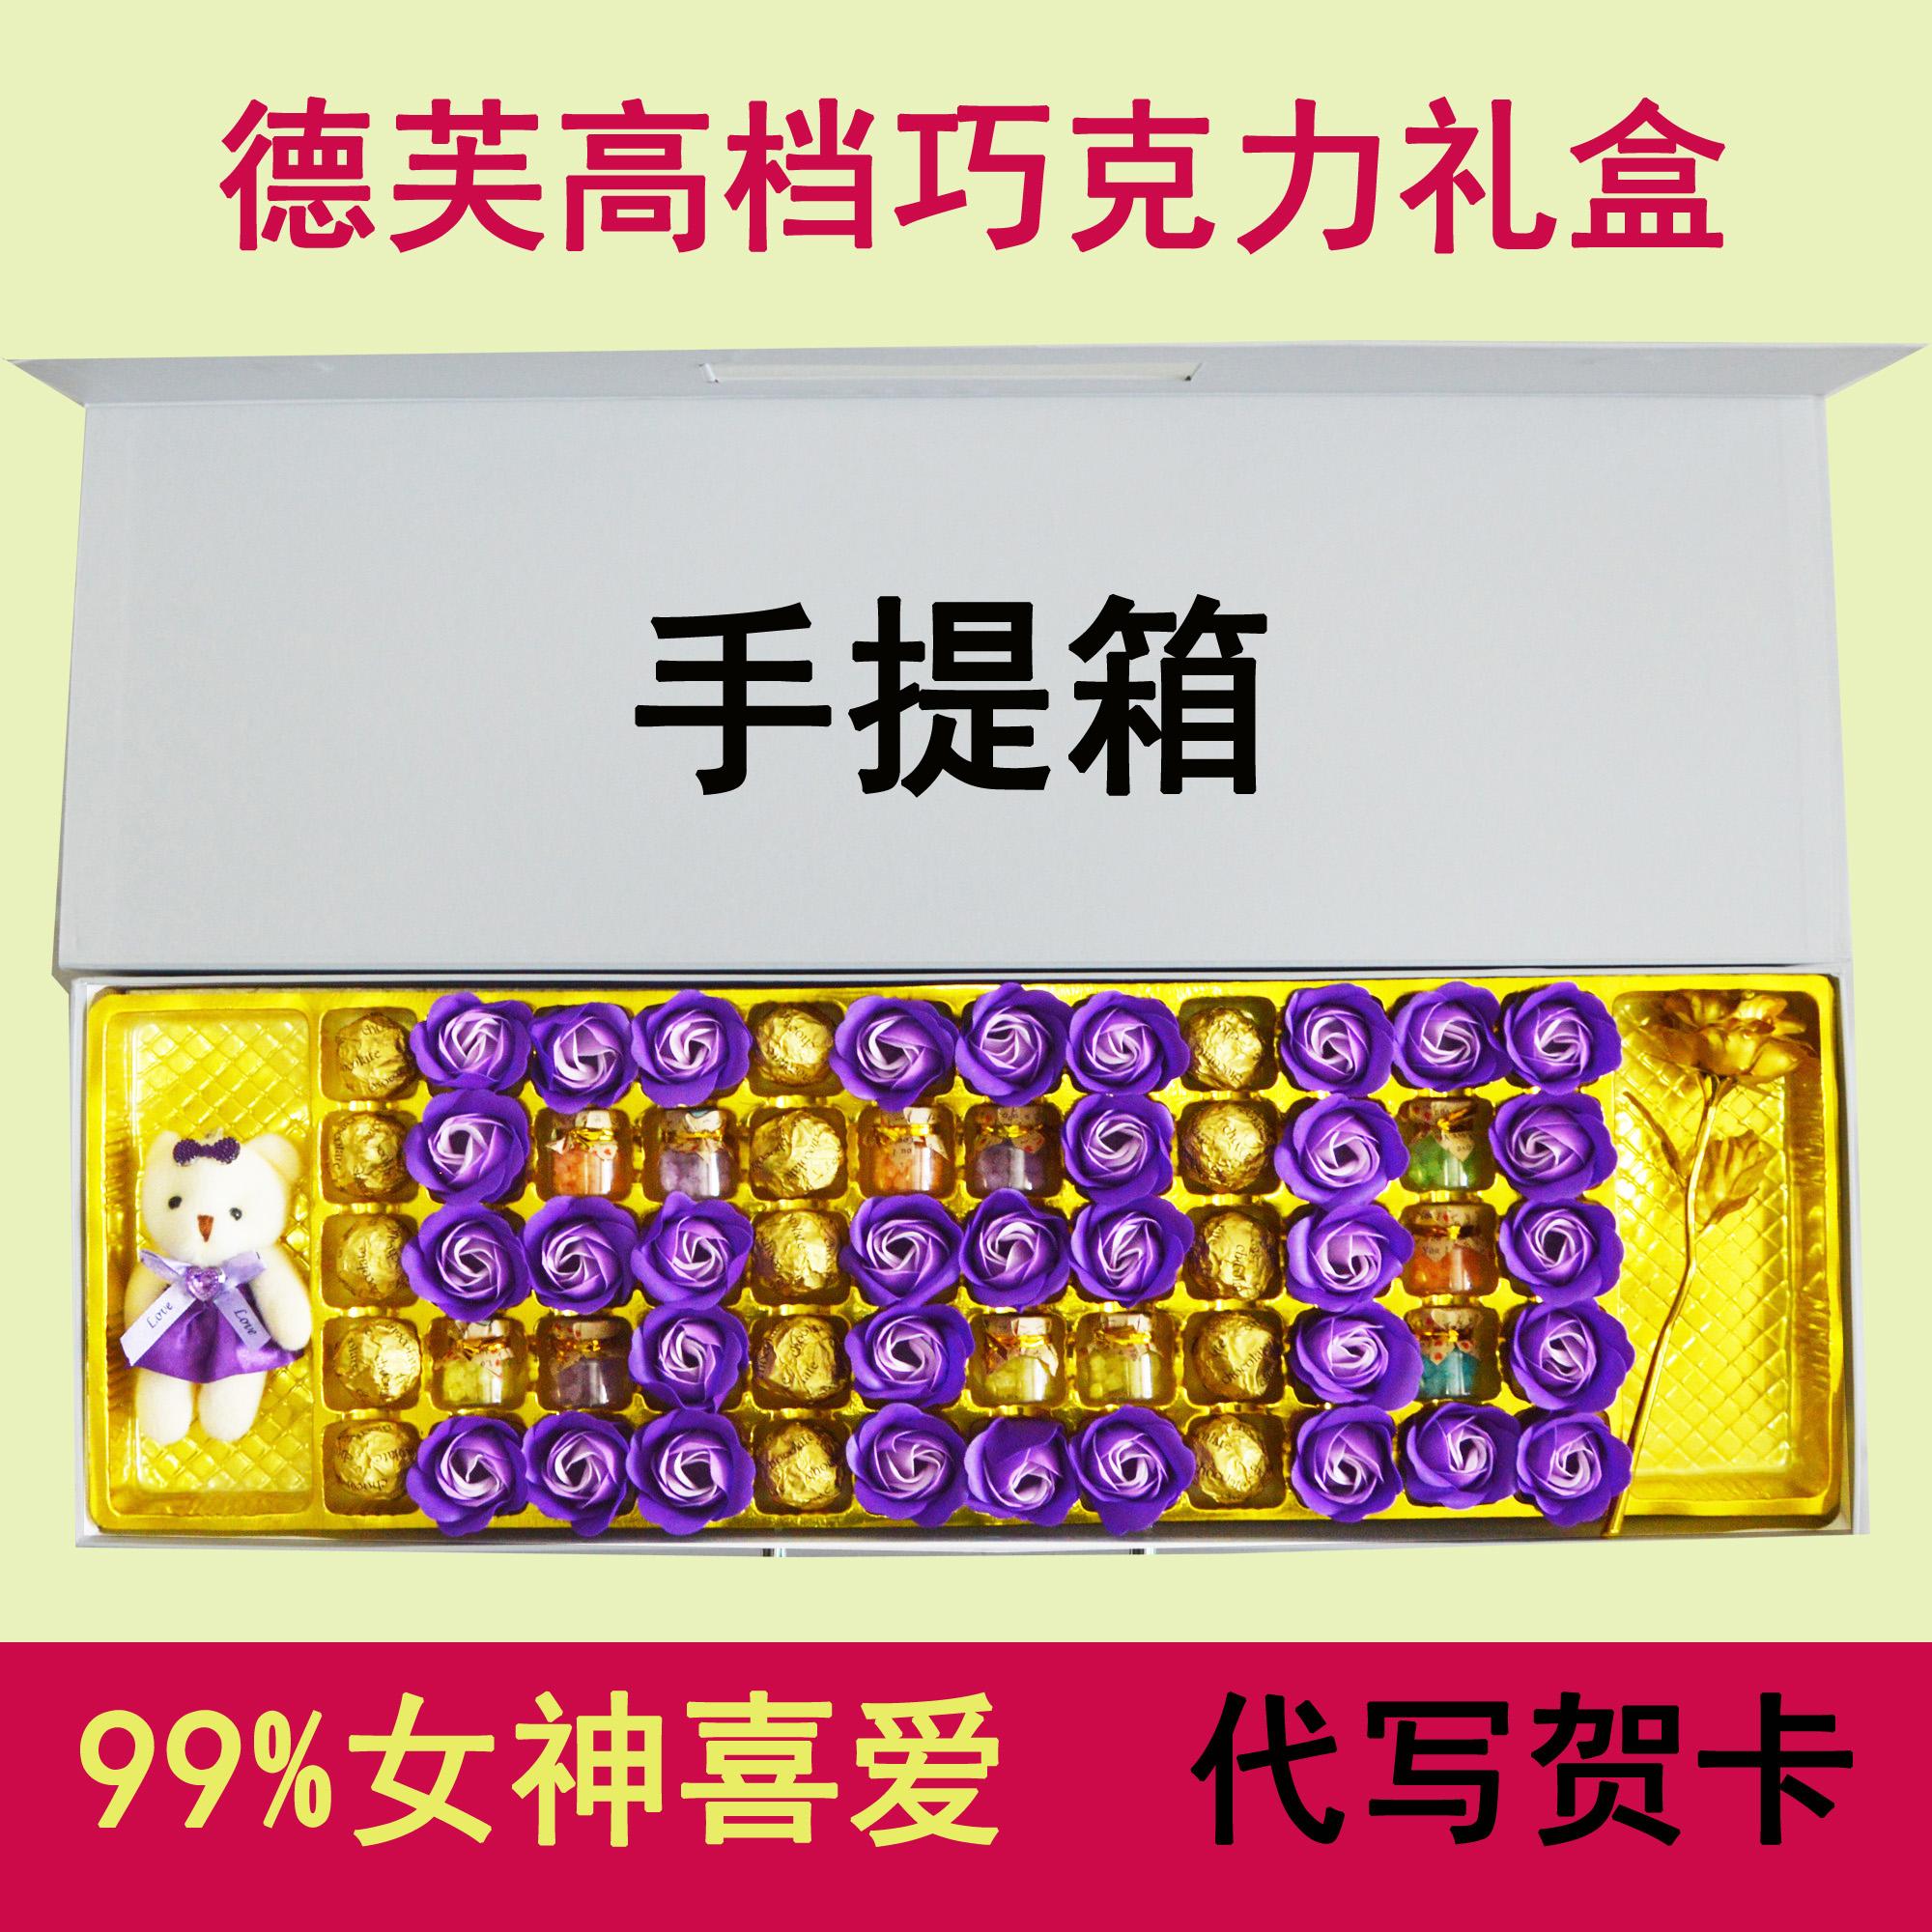 手提箱520创意德芙巧克力糖果礼盒装送女友生日礼物浪漫表白高档